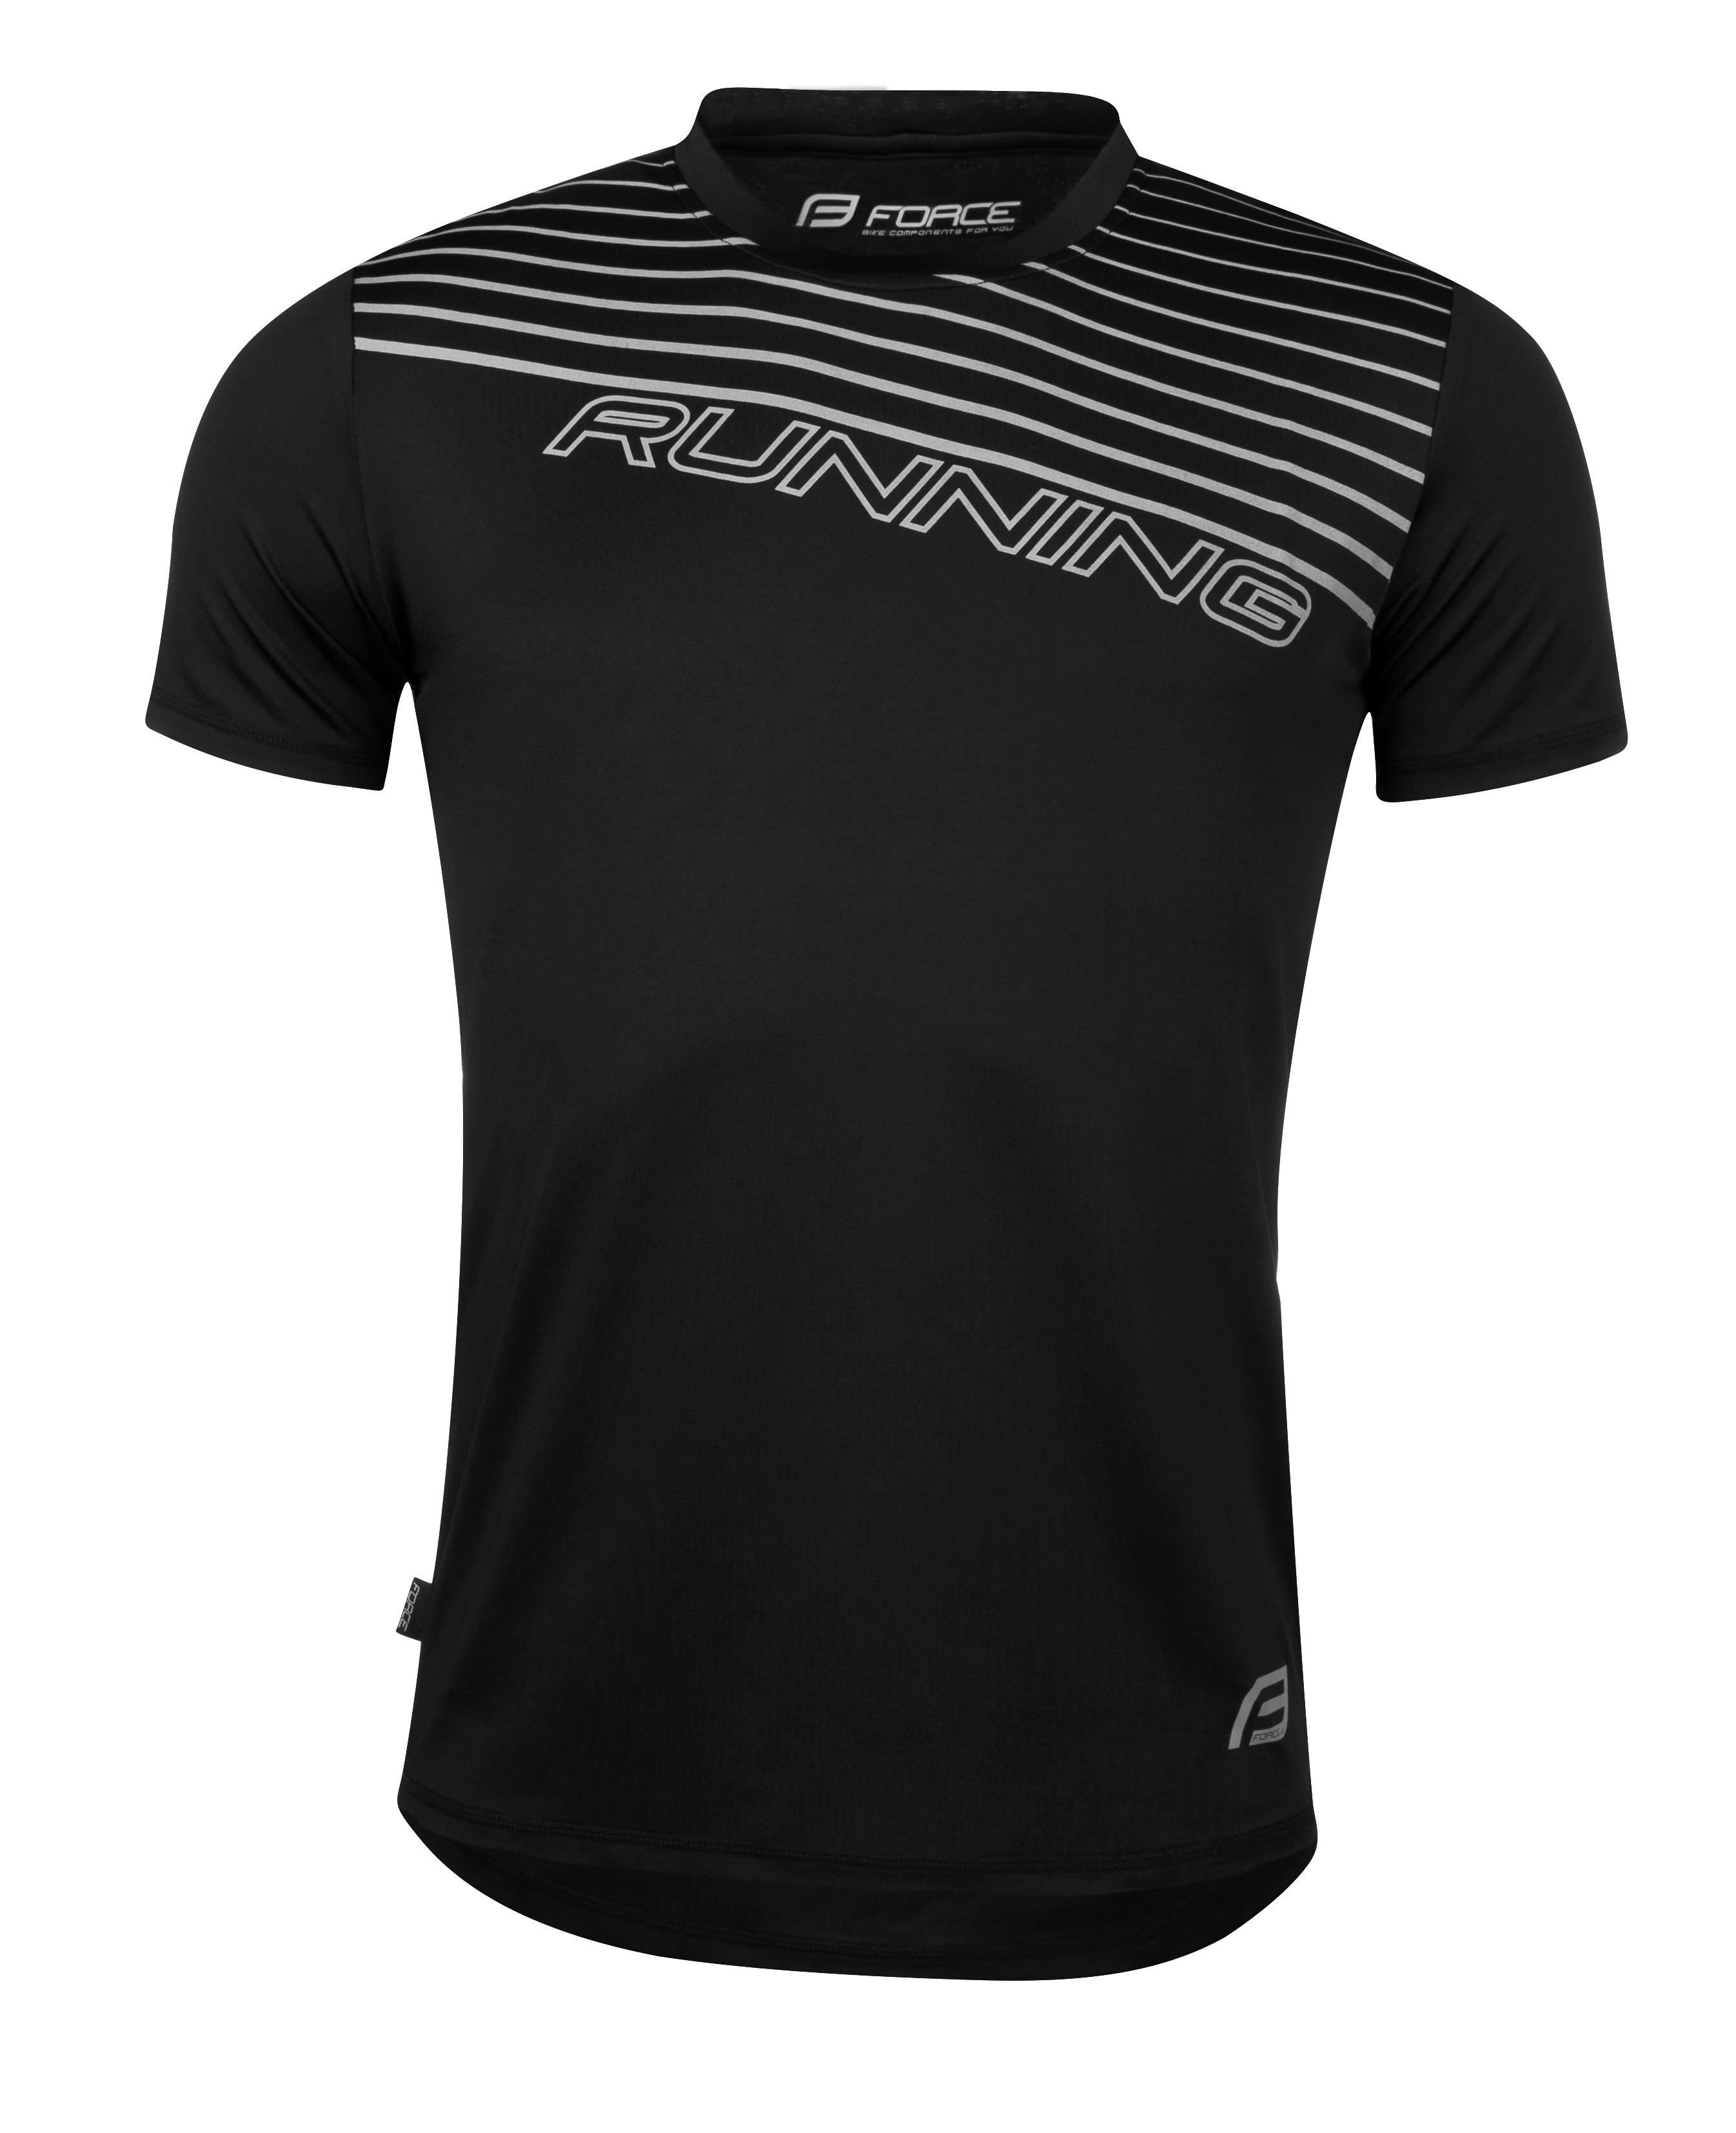 triko běžecké FORCE RUNNING, černé XL